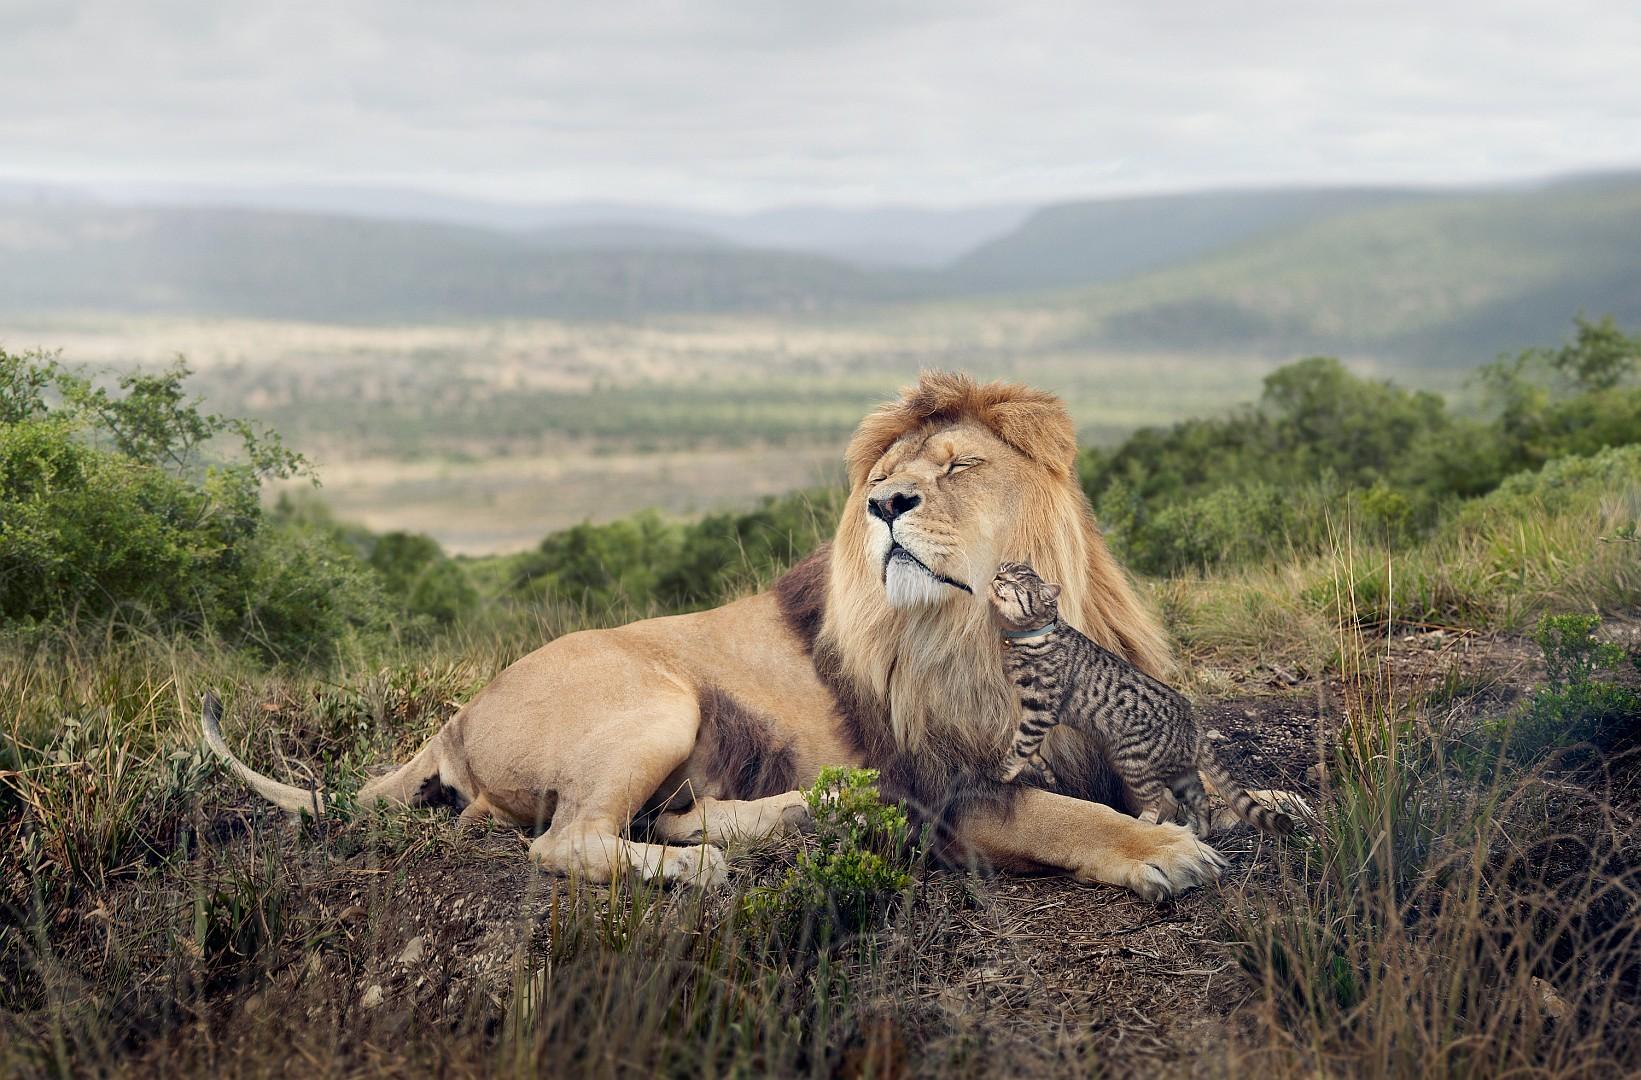 92759 Hintergrundbild herunterladen Tiere, Freundschaft, Der Kater, Katze, Ein Löwe, Löwe, Raubtier, Predator, Zärtlichkeit - Bildschirmschoner und Bilder kostenlos